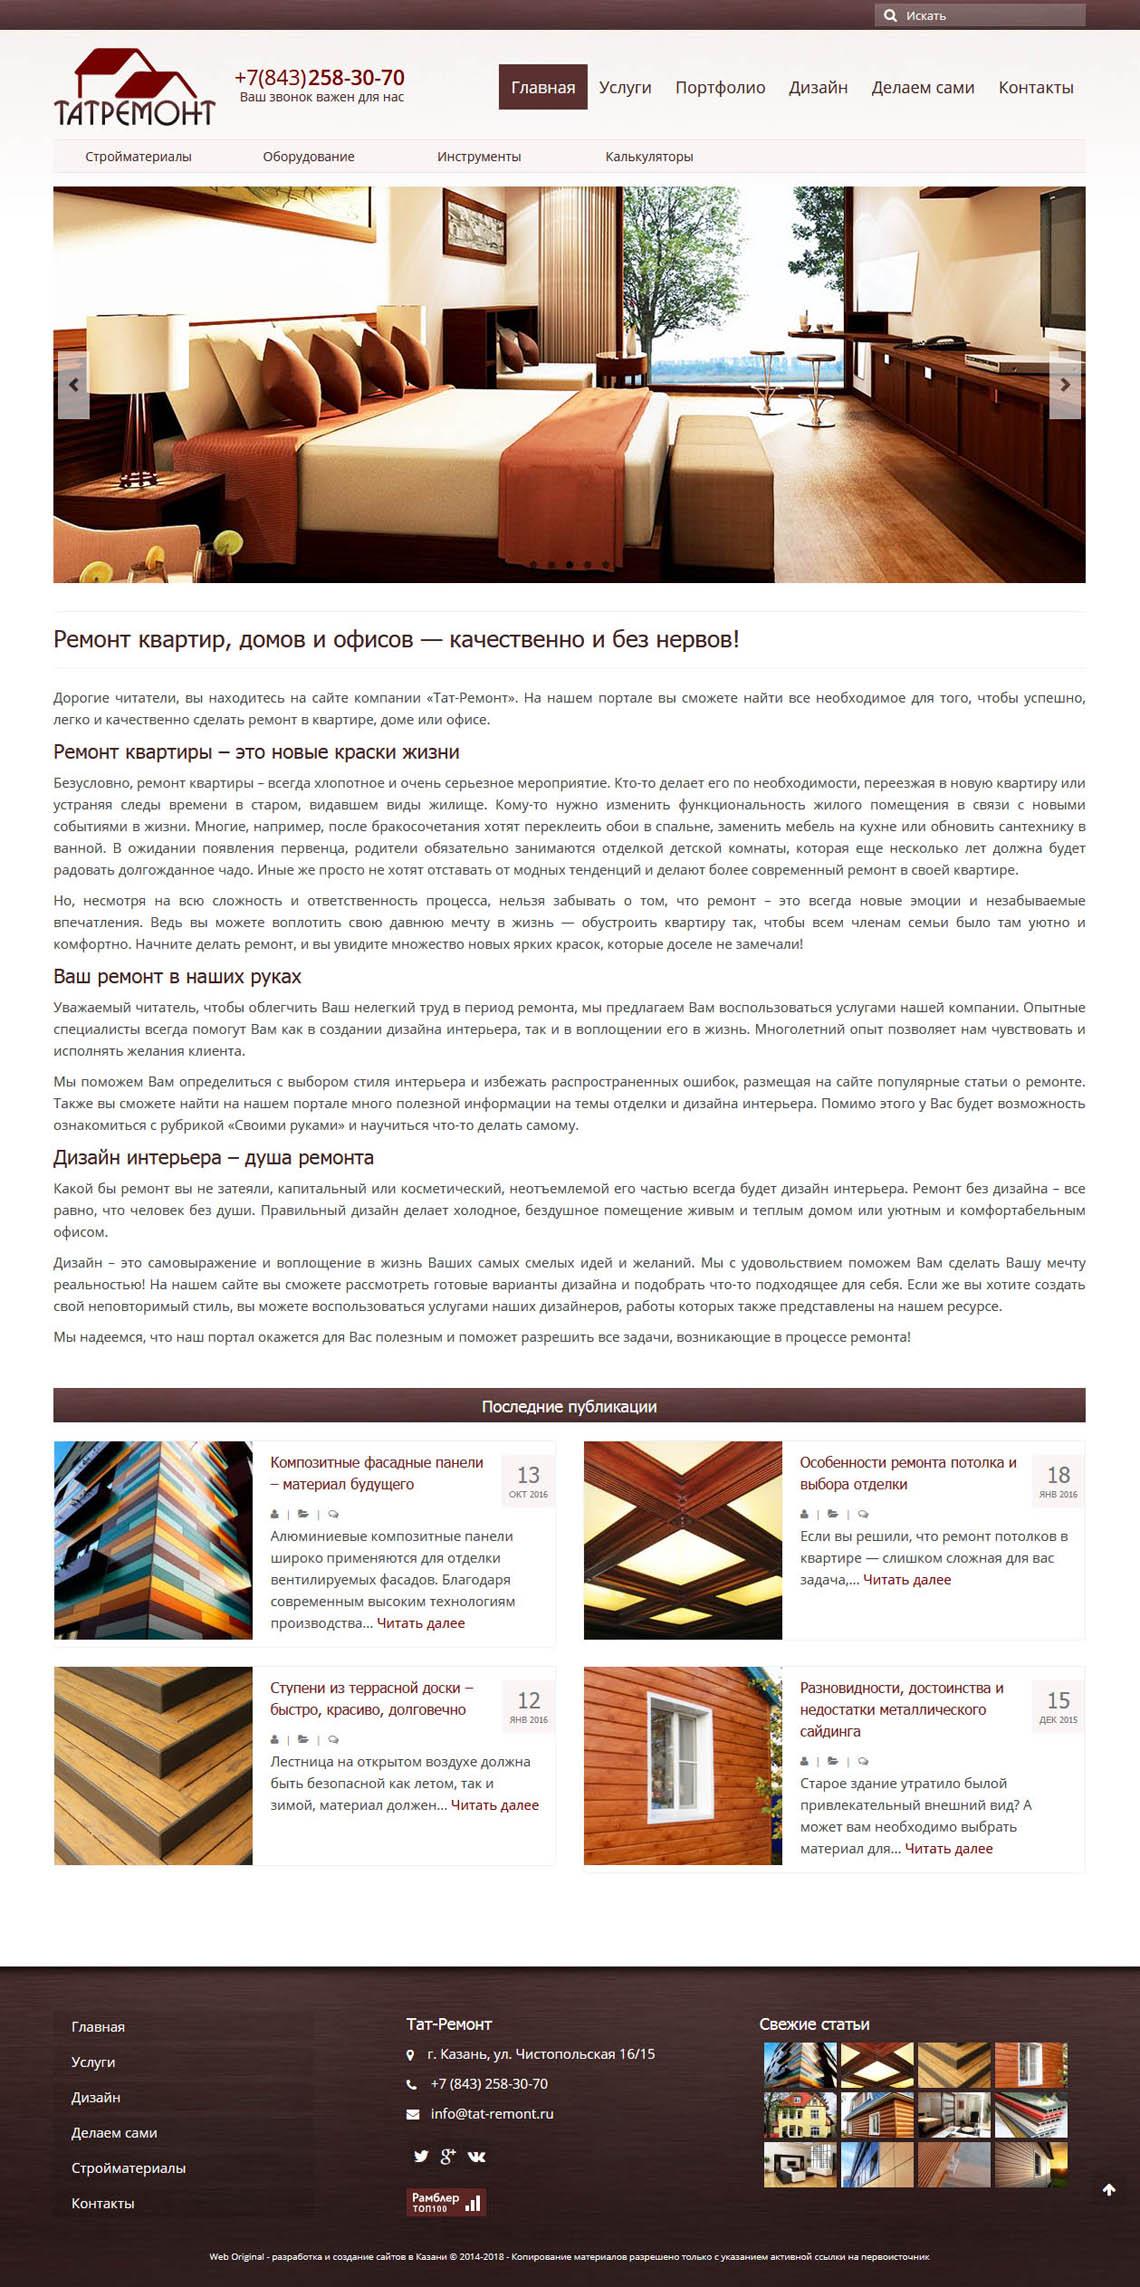 Разработка и создание бизнес-сайта